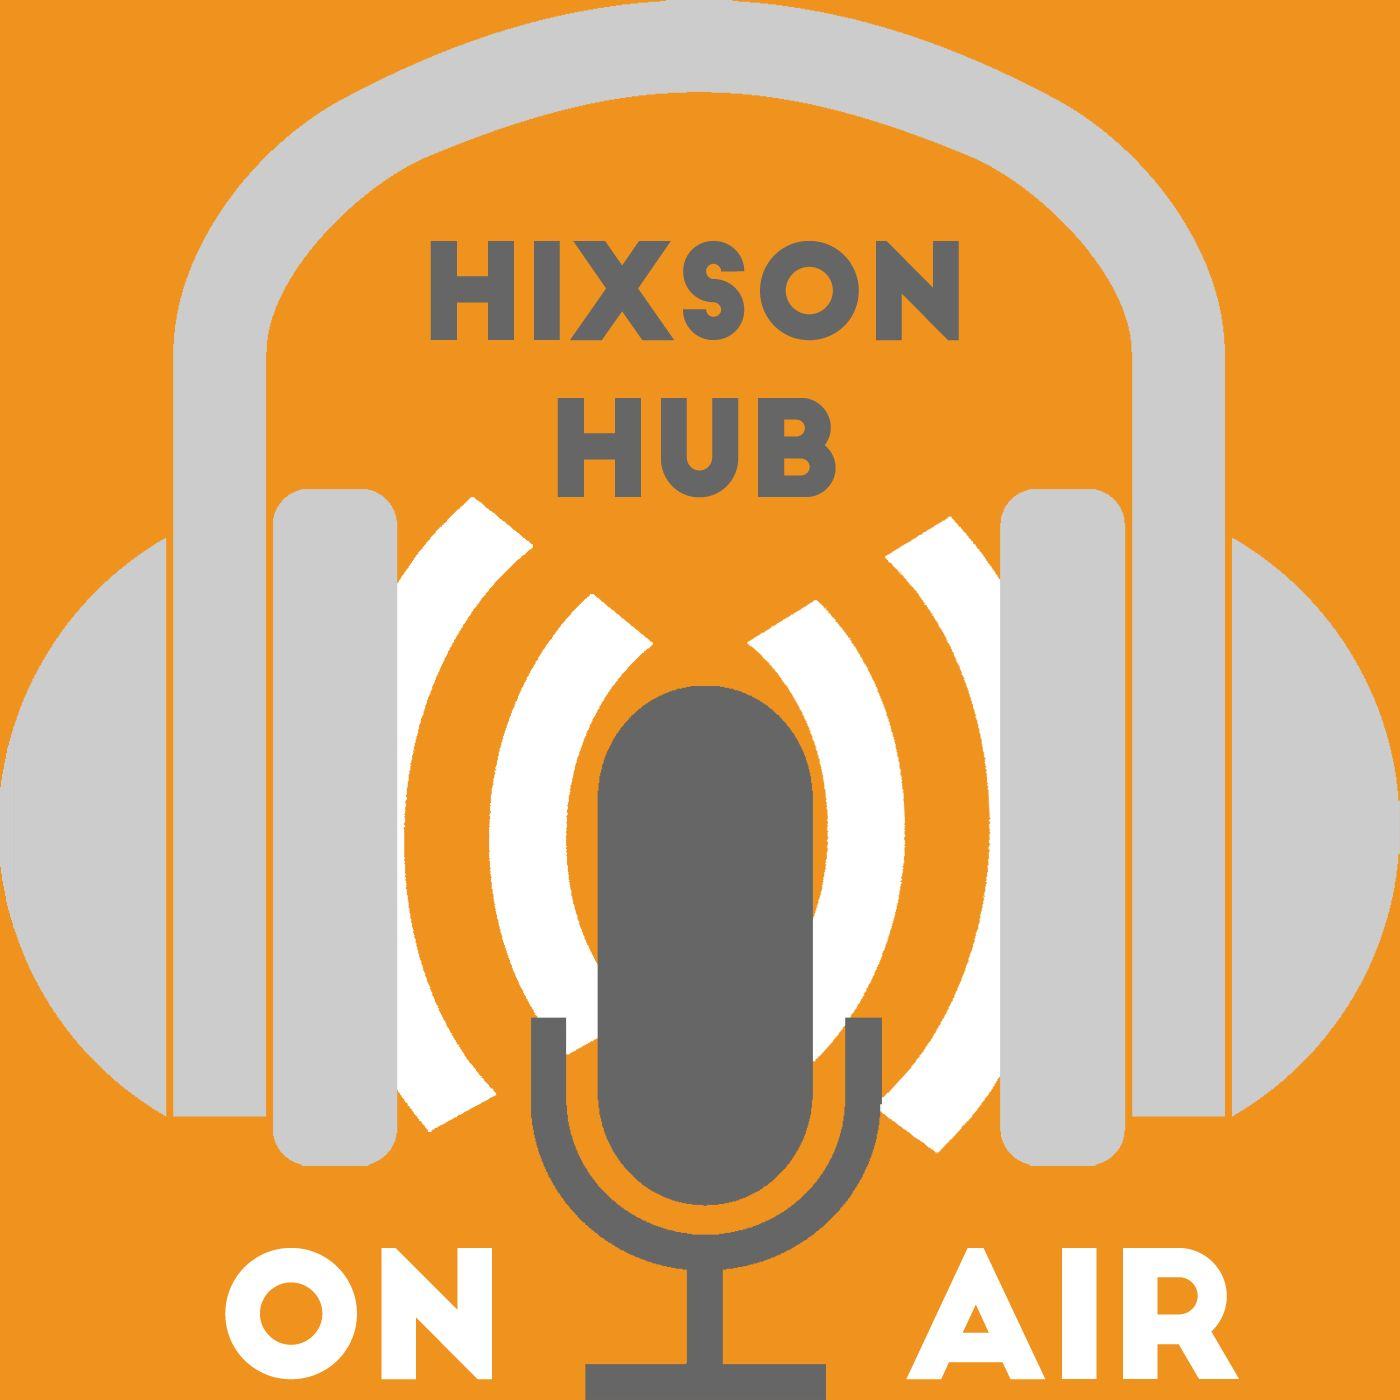 HixsonHub ON AIR